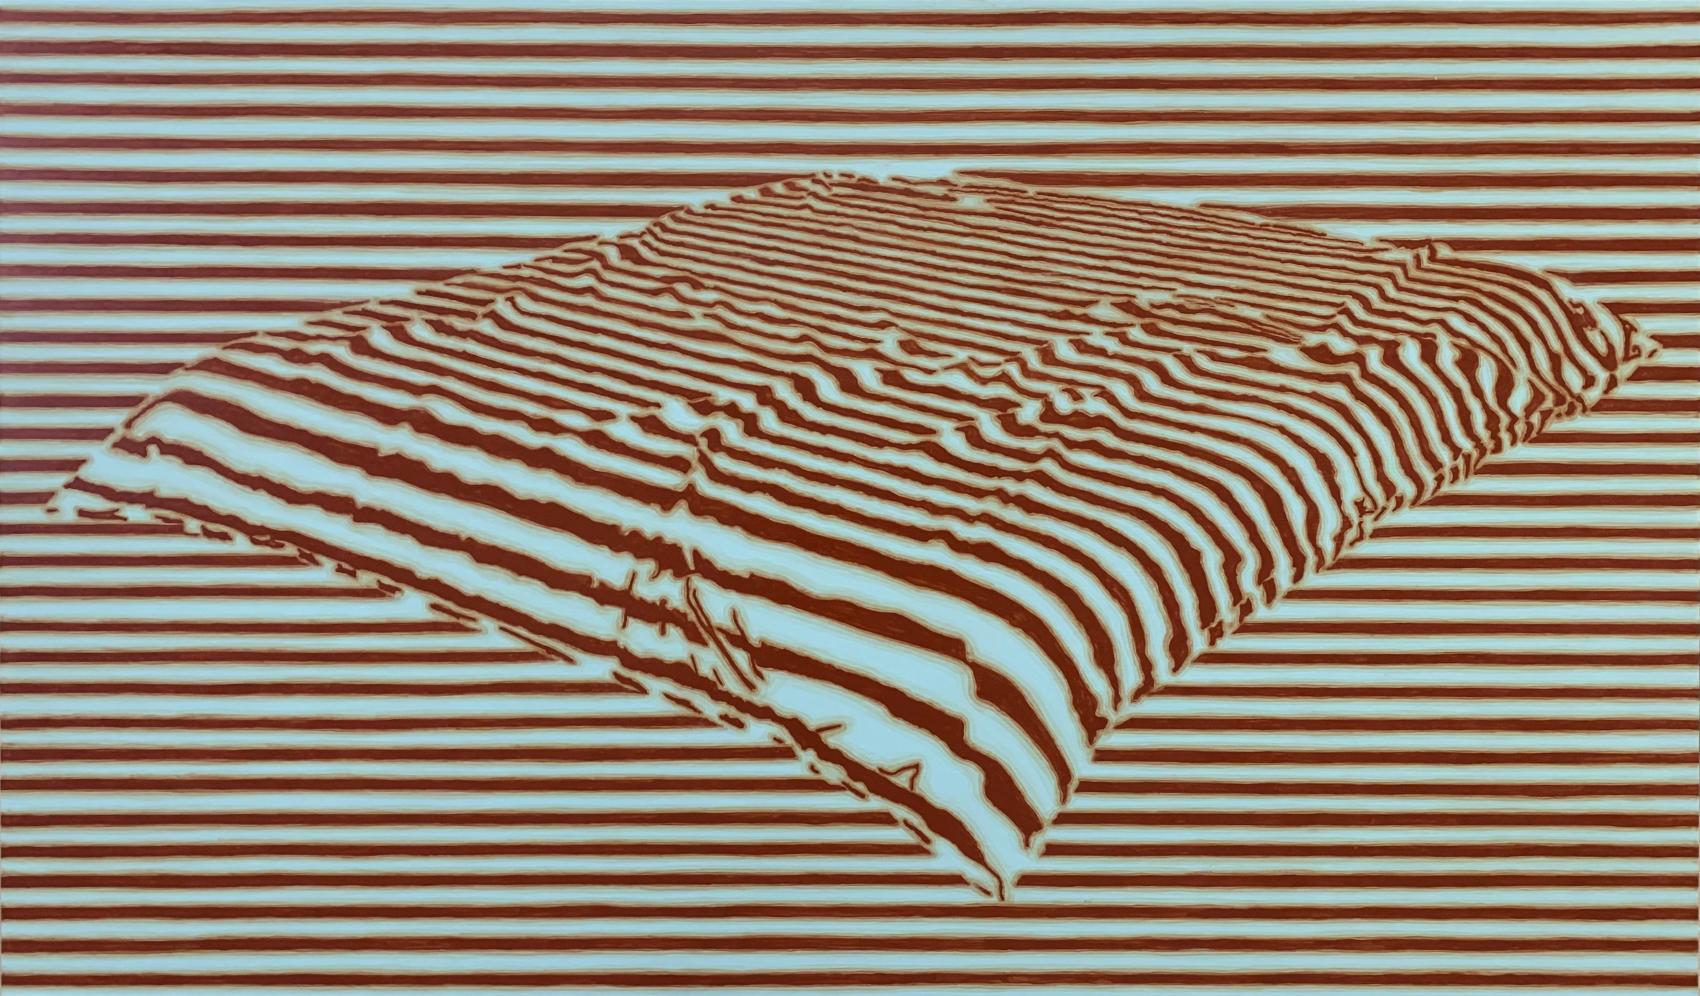 Couverture 2, 2019, peinture acrylique sur Corapan, 73 x 123 cm